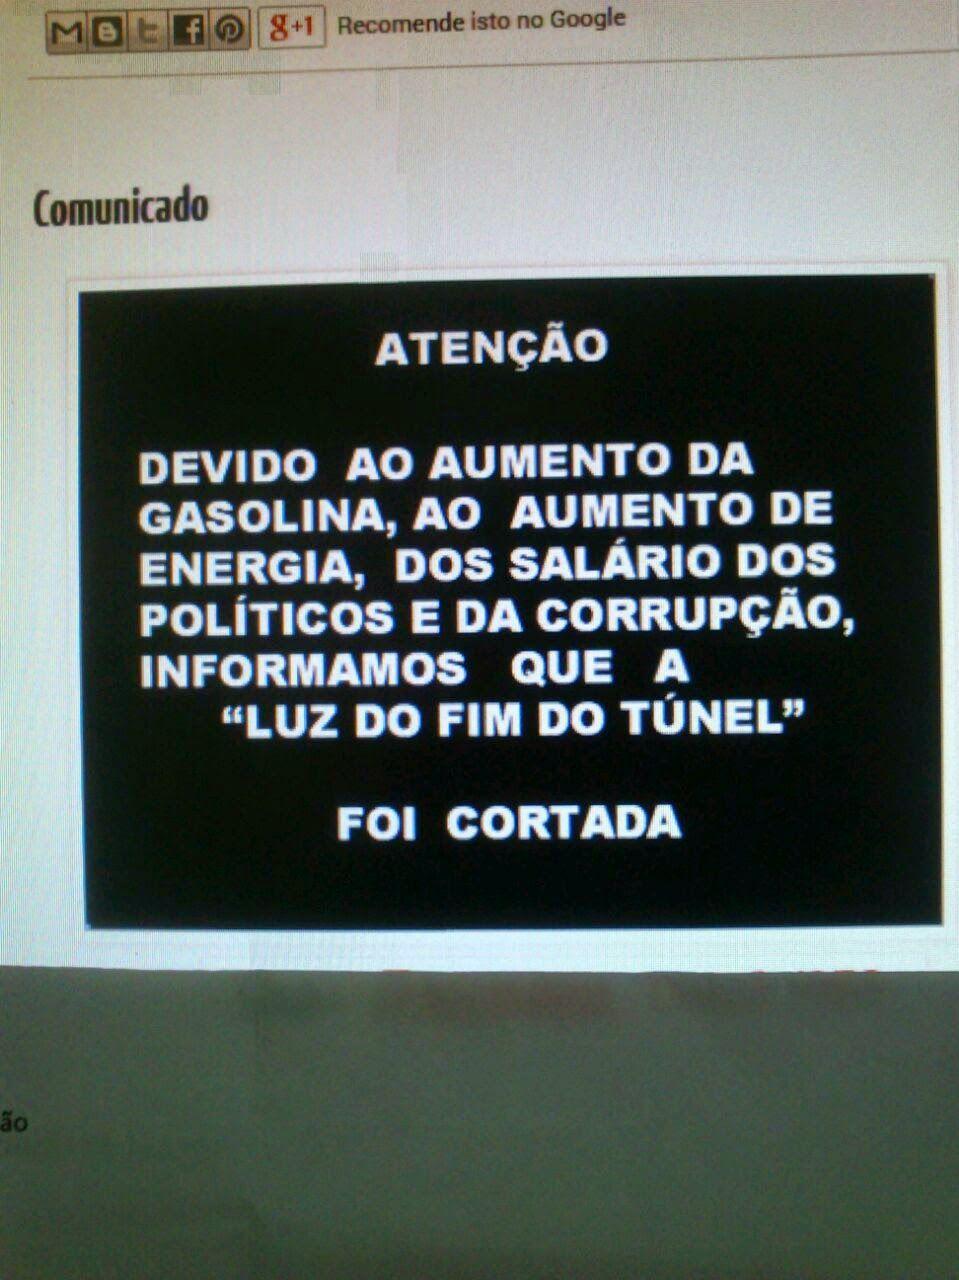 Brasil-Corrupção-2016-Comunicado-Atenção. Devido ao aumento da gasolina... (1)